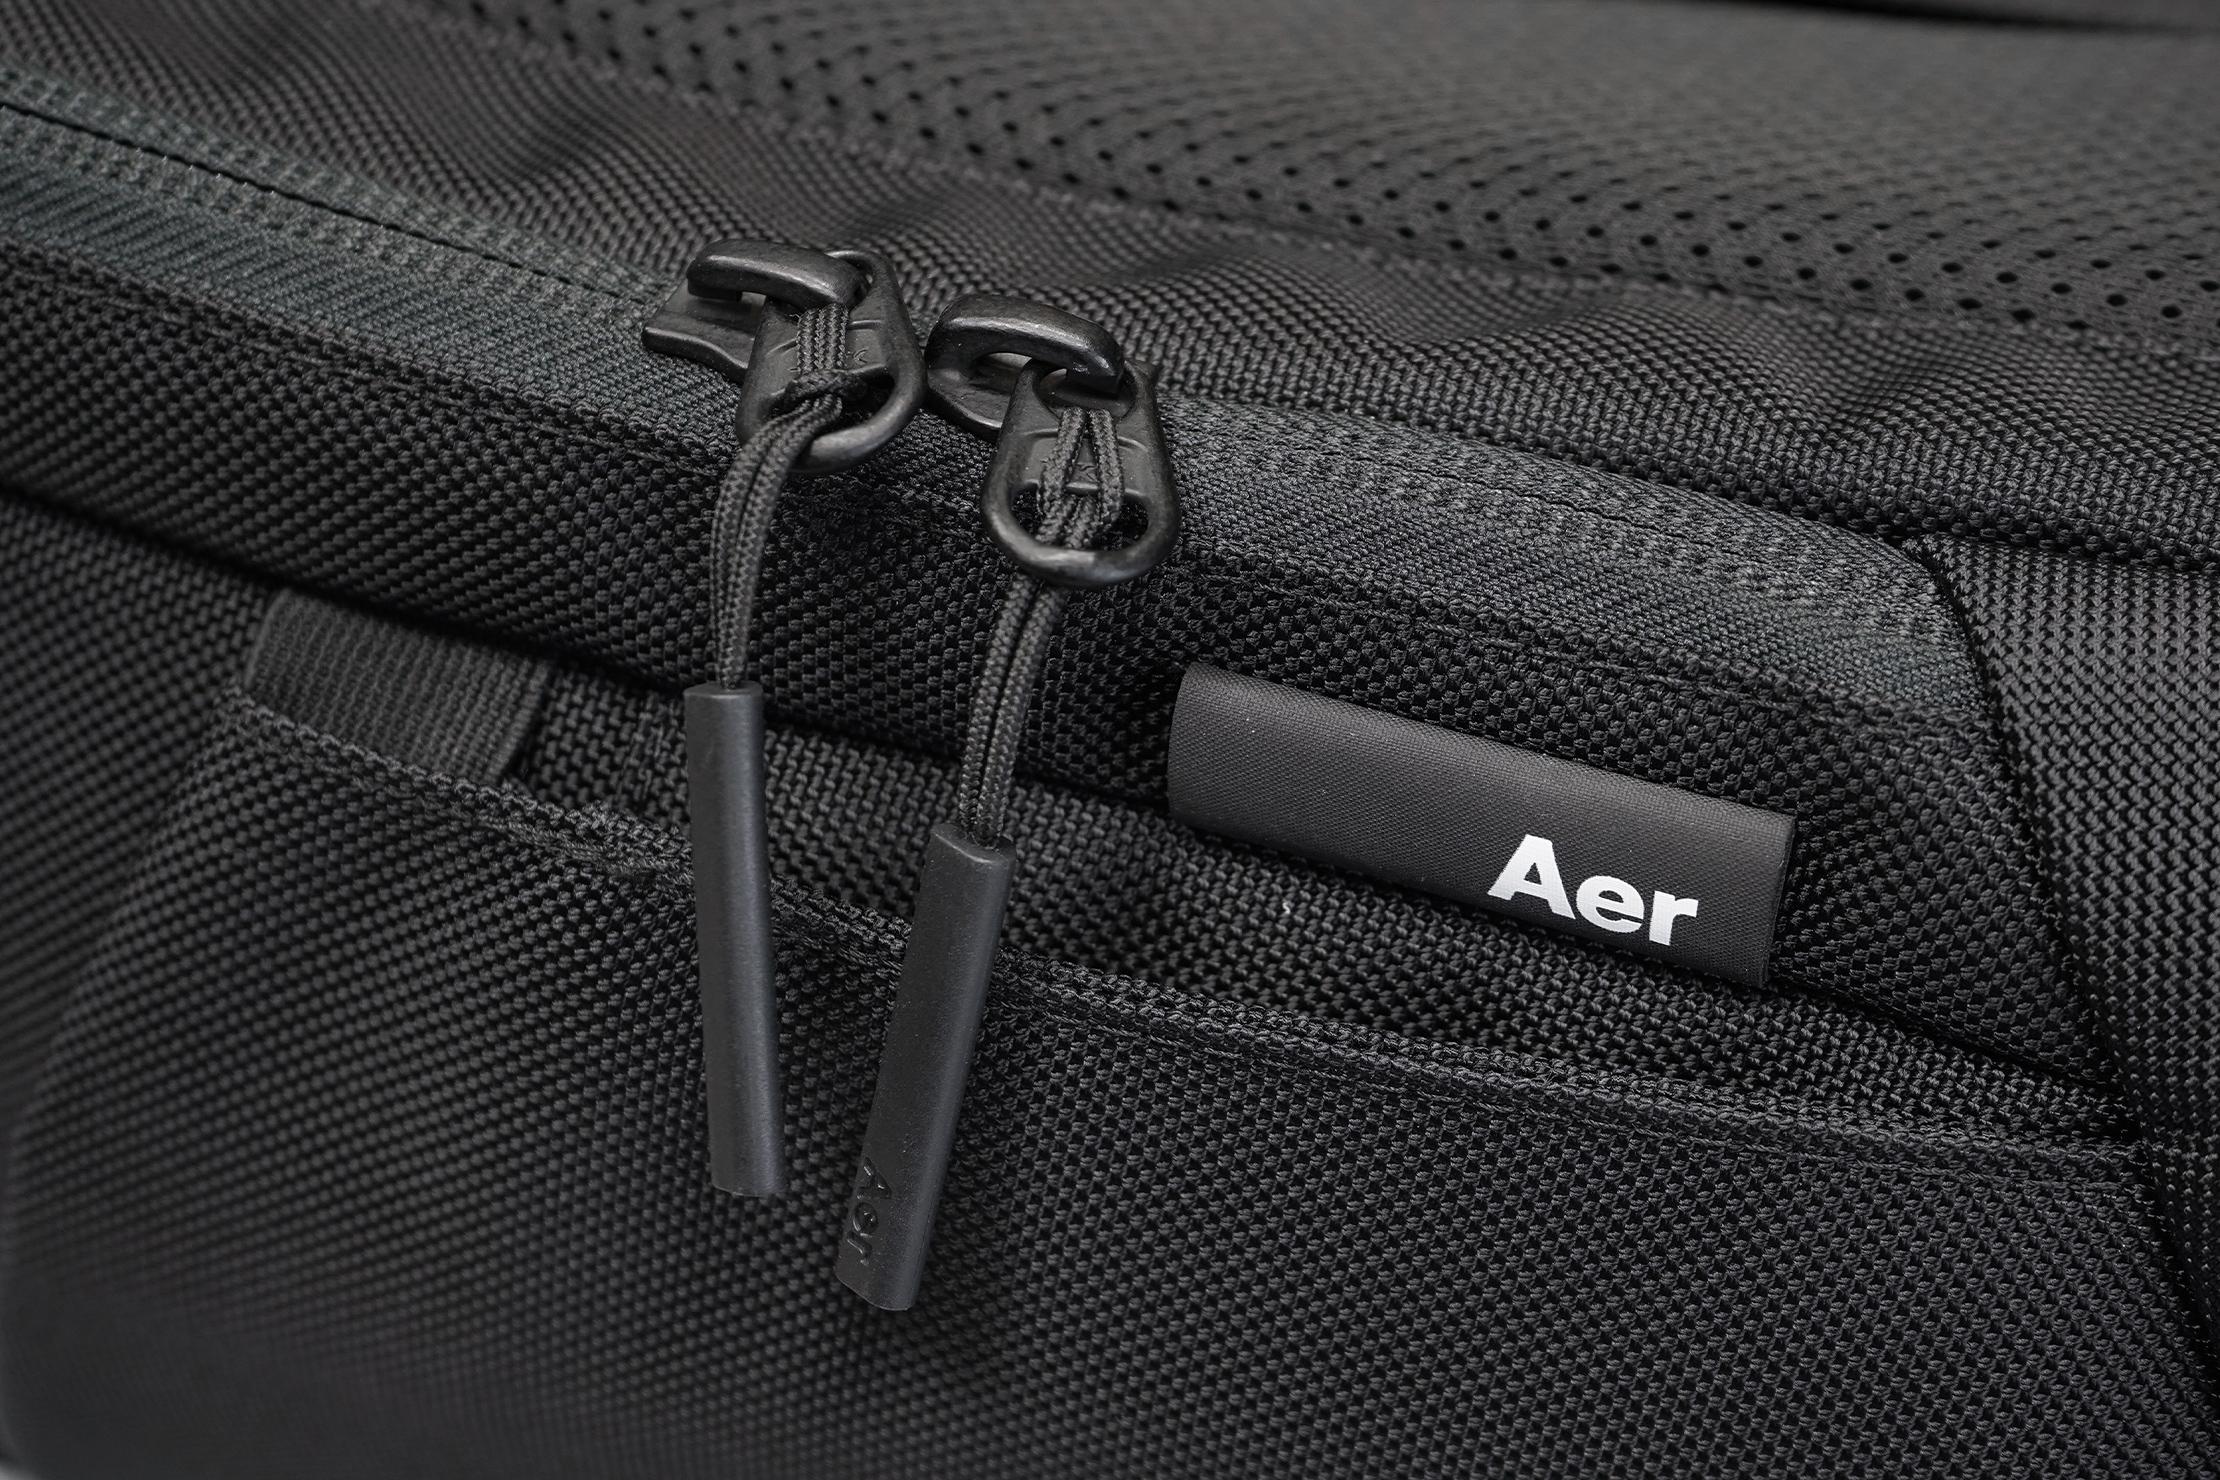 Aer Duffel Pack 3 | Material, logo, & zippers